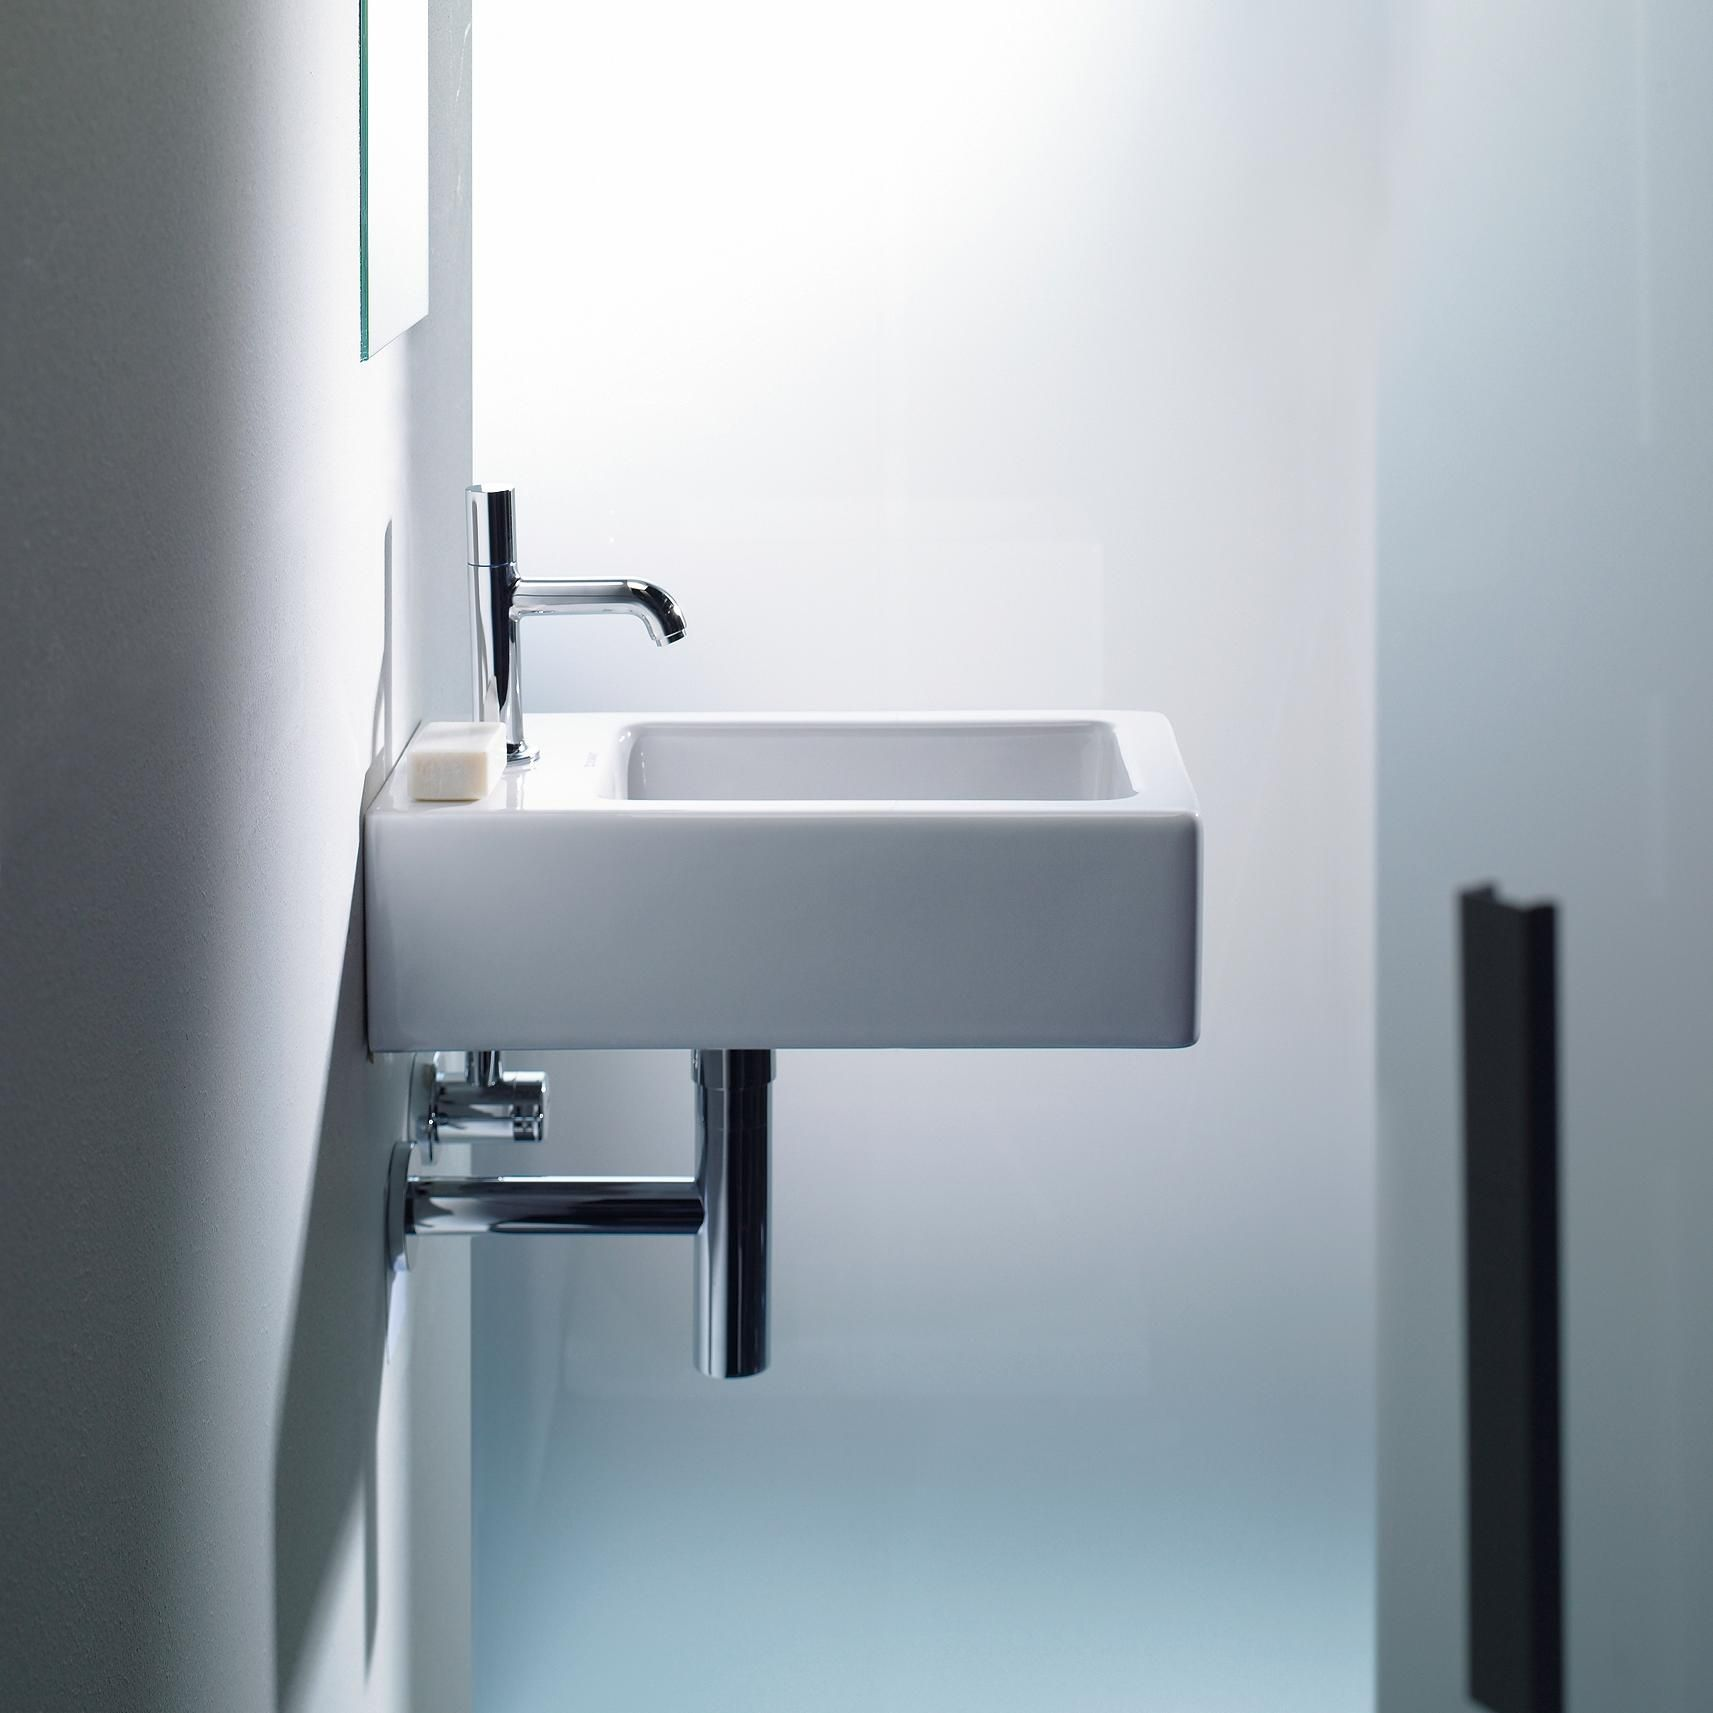 Vero Washbasin   Duravit and Sinks